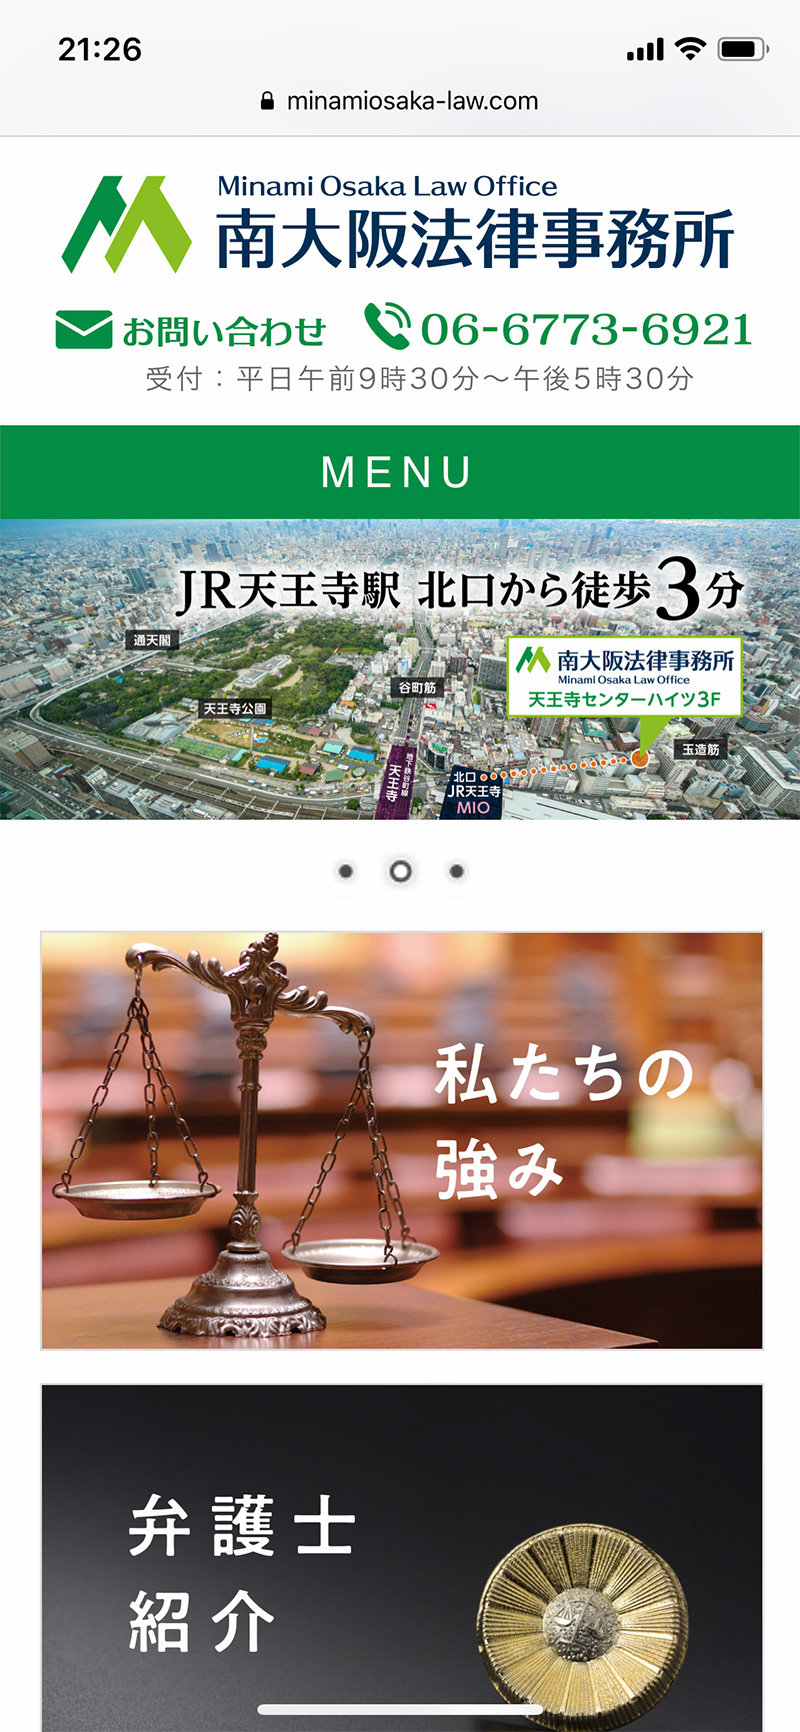 南大阪法律事務所のスマホサイト01